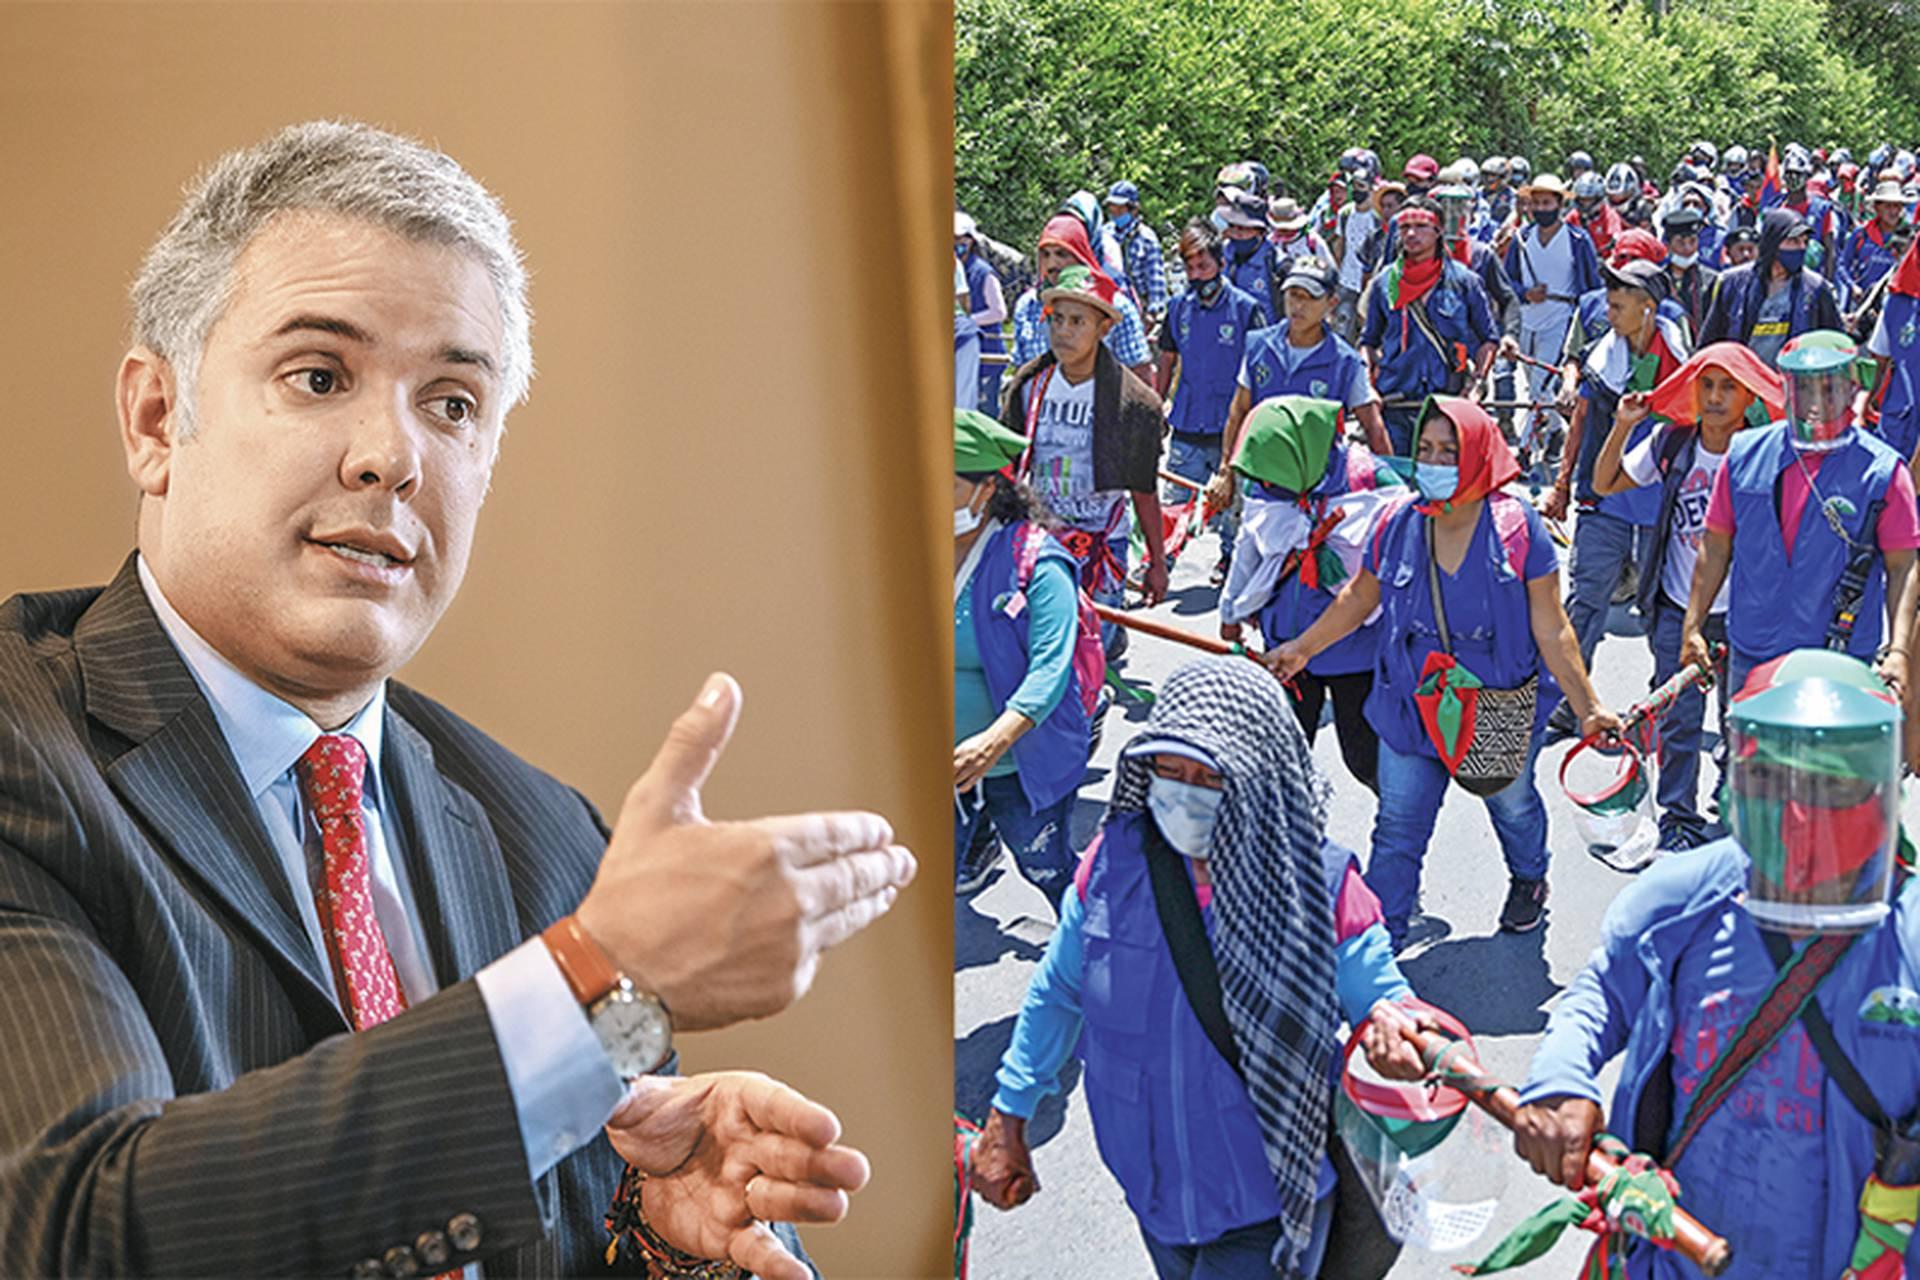 La minga llega a Bogotá con el objetivo de tener un encuentro directo y público con el presidente Duque. Pero como el mandatario no se reunirá en las condiciones que ellos exigen, es necesario buscar una fórmula intermedia.